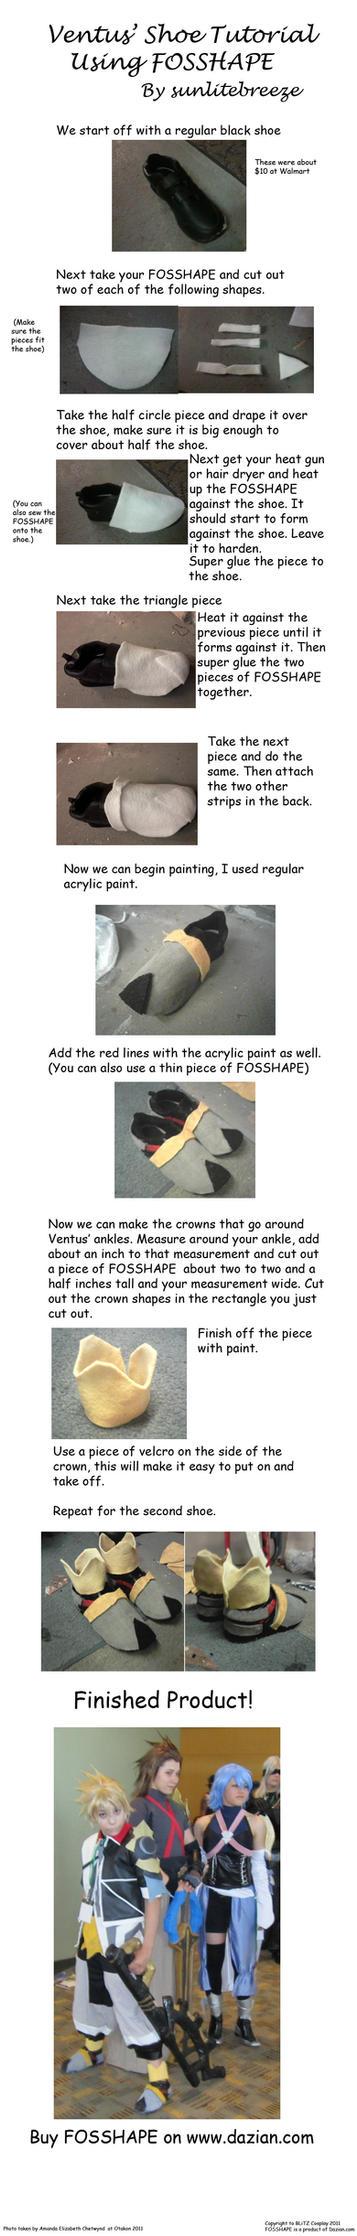 Ventus Shoe Tutorial by sunlitebreeze